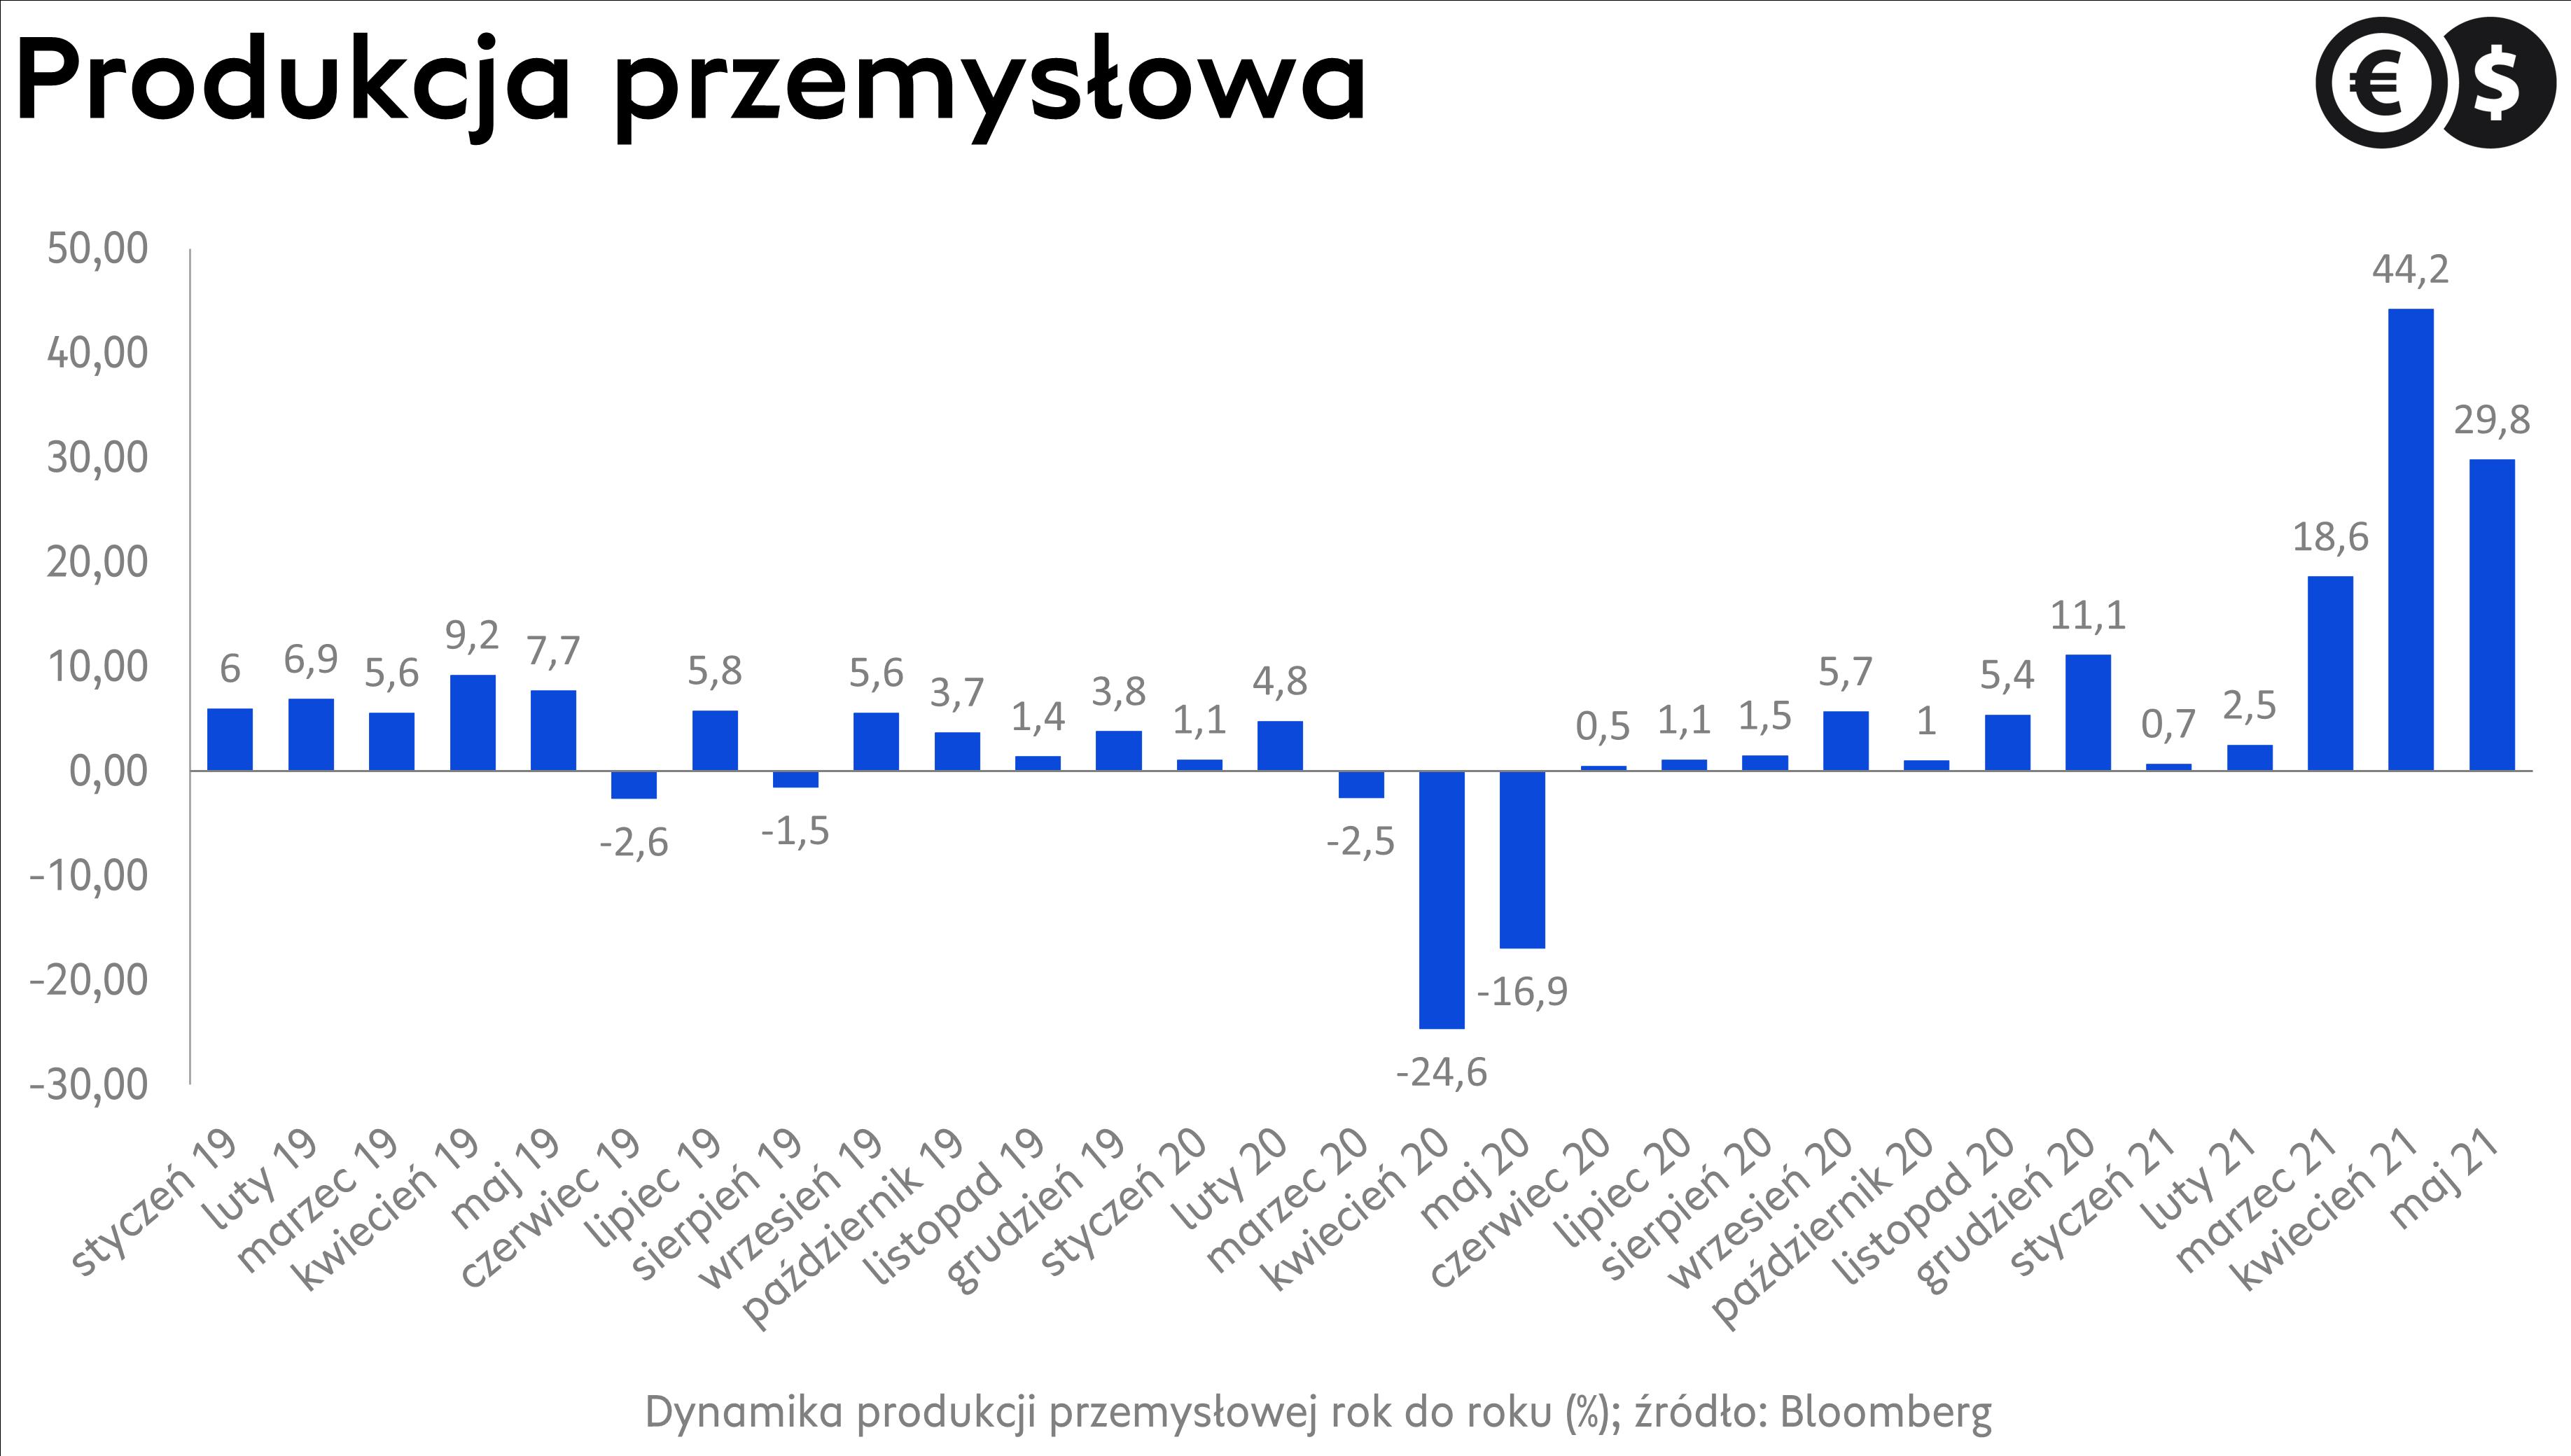 Dynamika produkcji przemysłowej w Polsce; źródło: Bloomberg